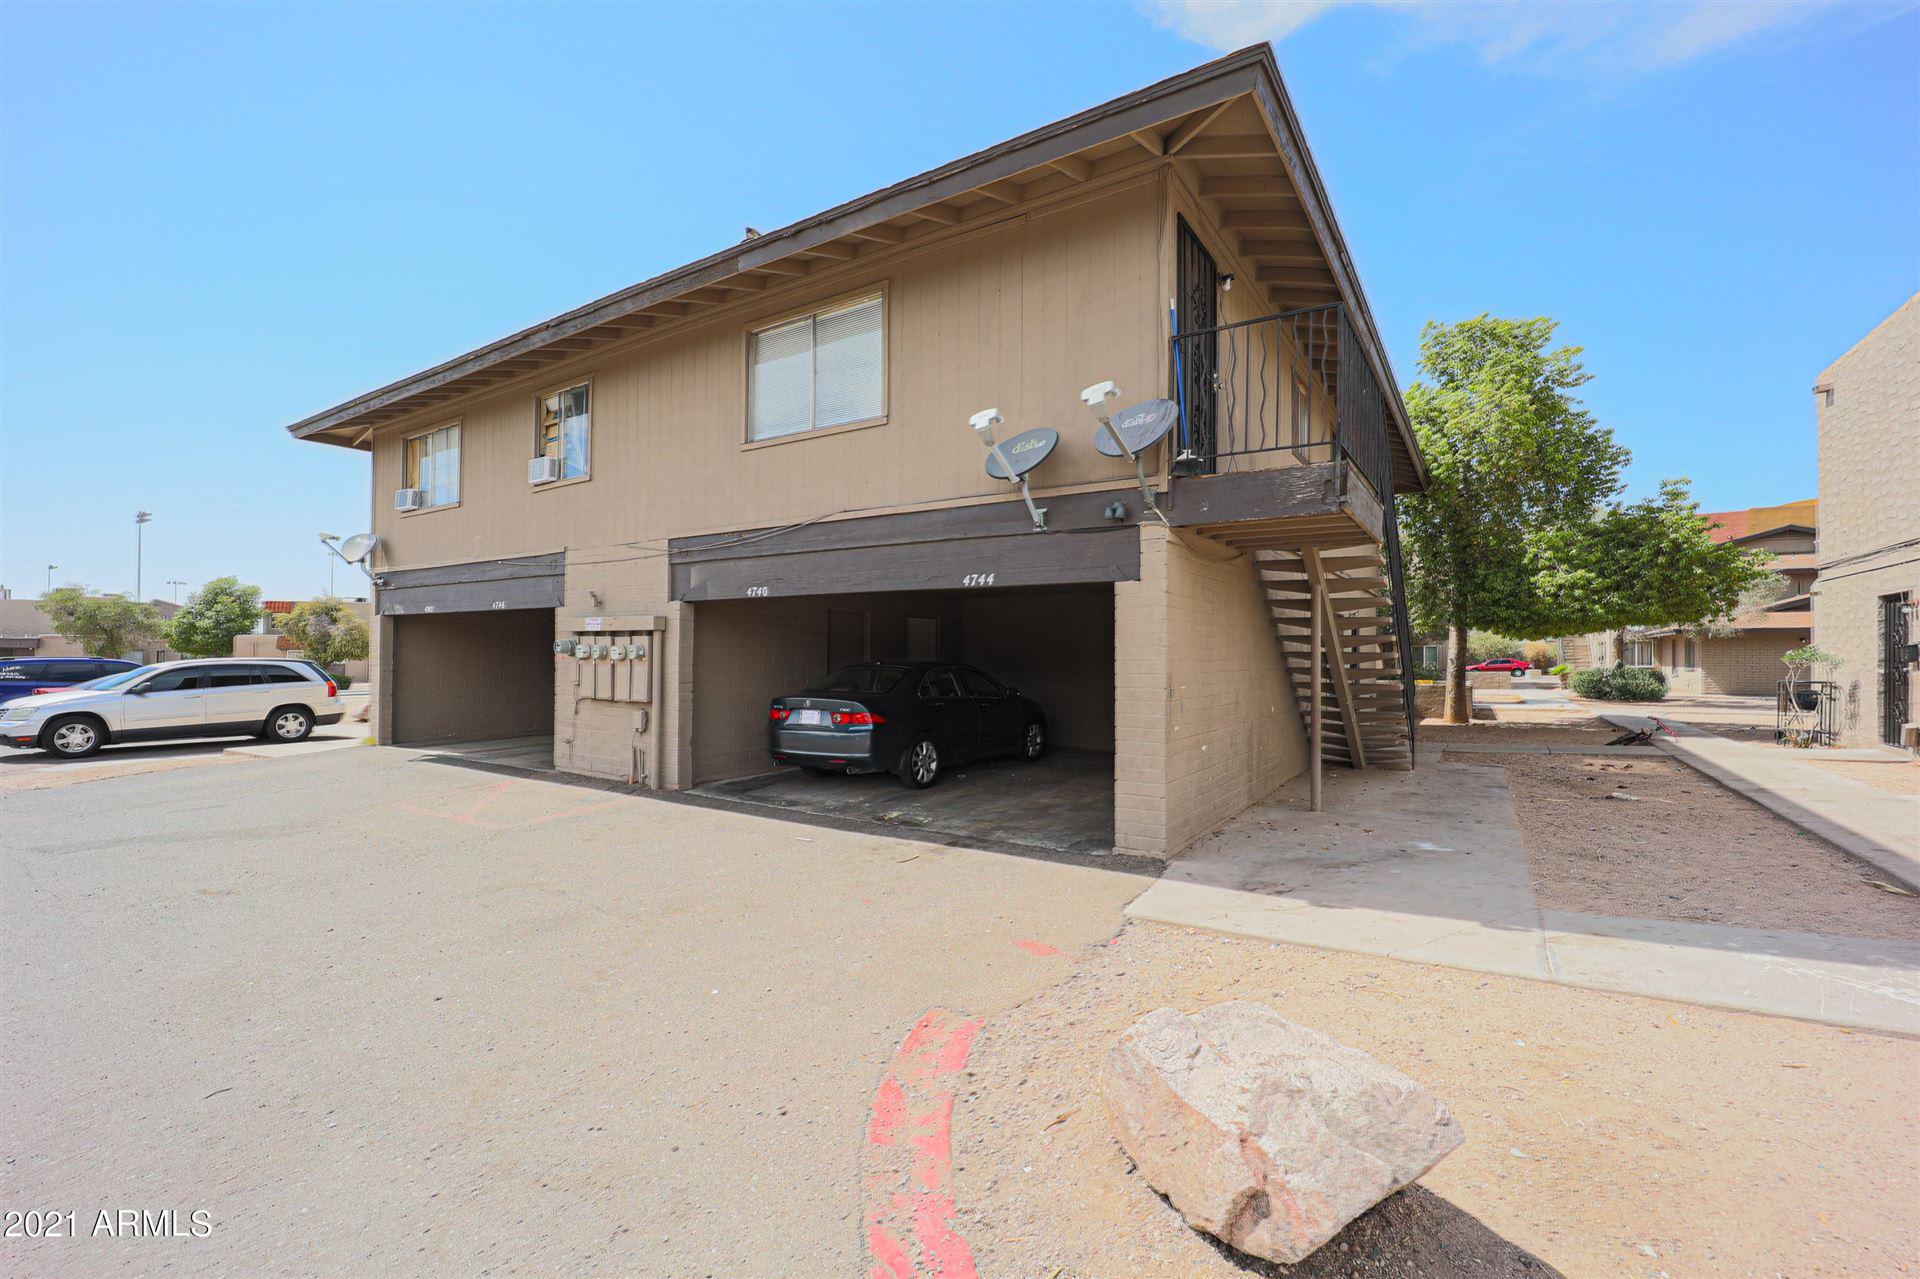 4744 E MORELAND Street, Phoenix, AZ 85008 - MLS#: 6249570